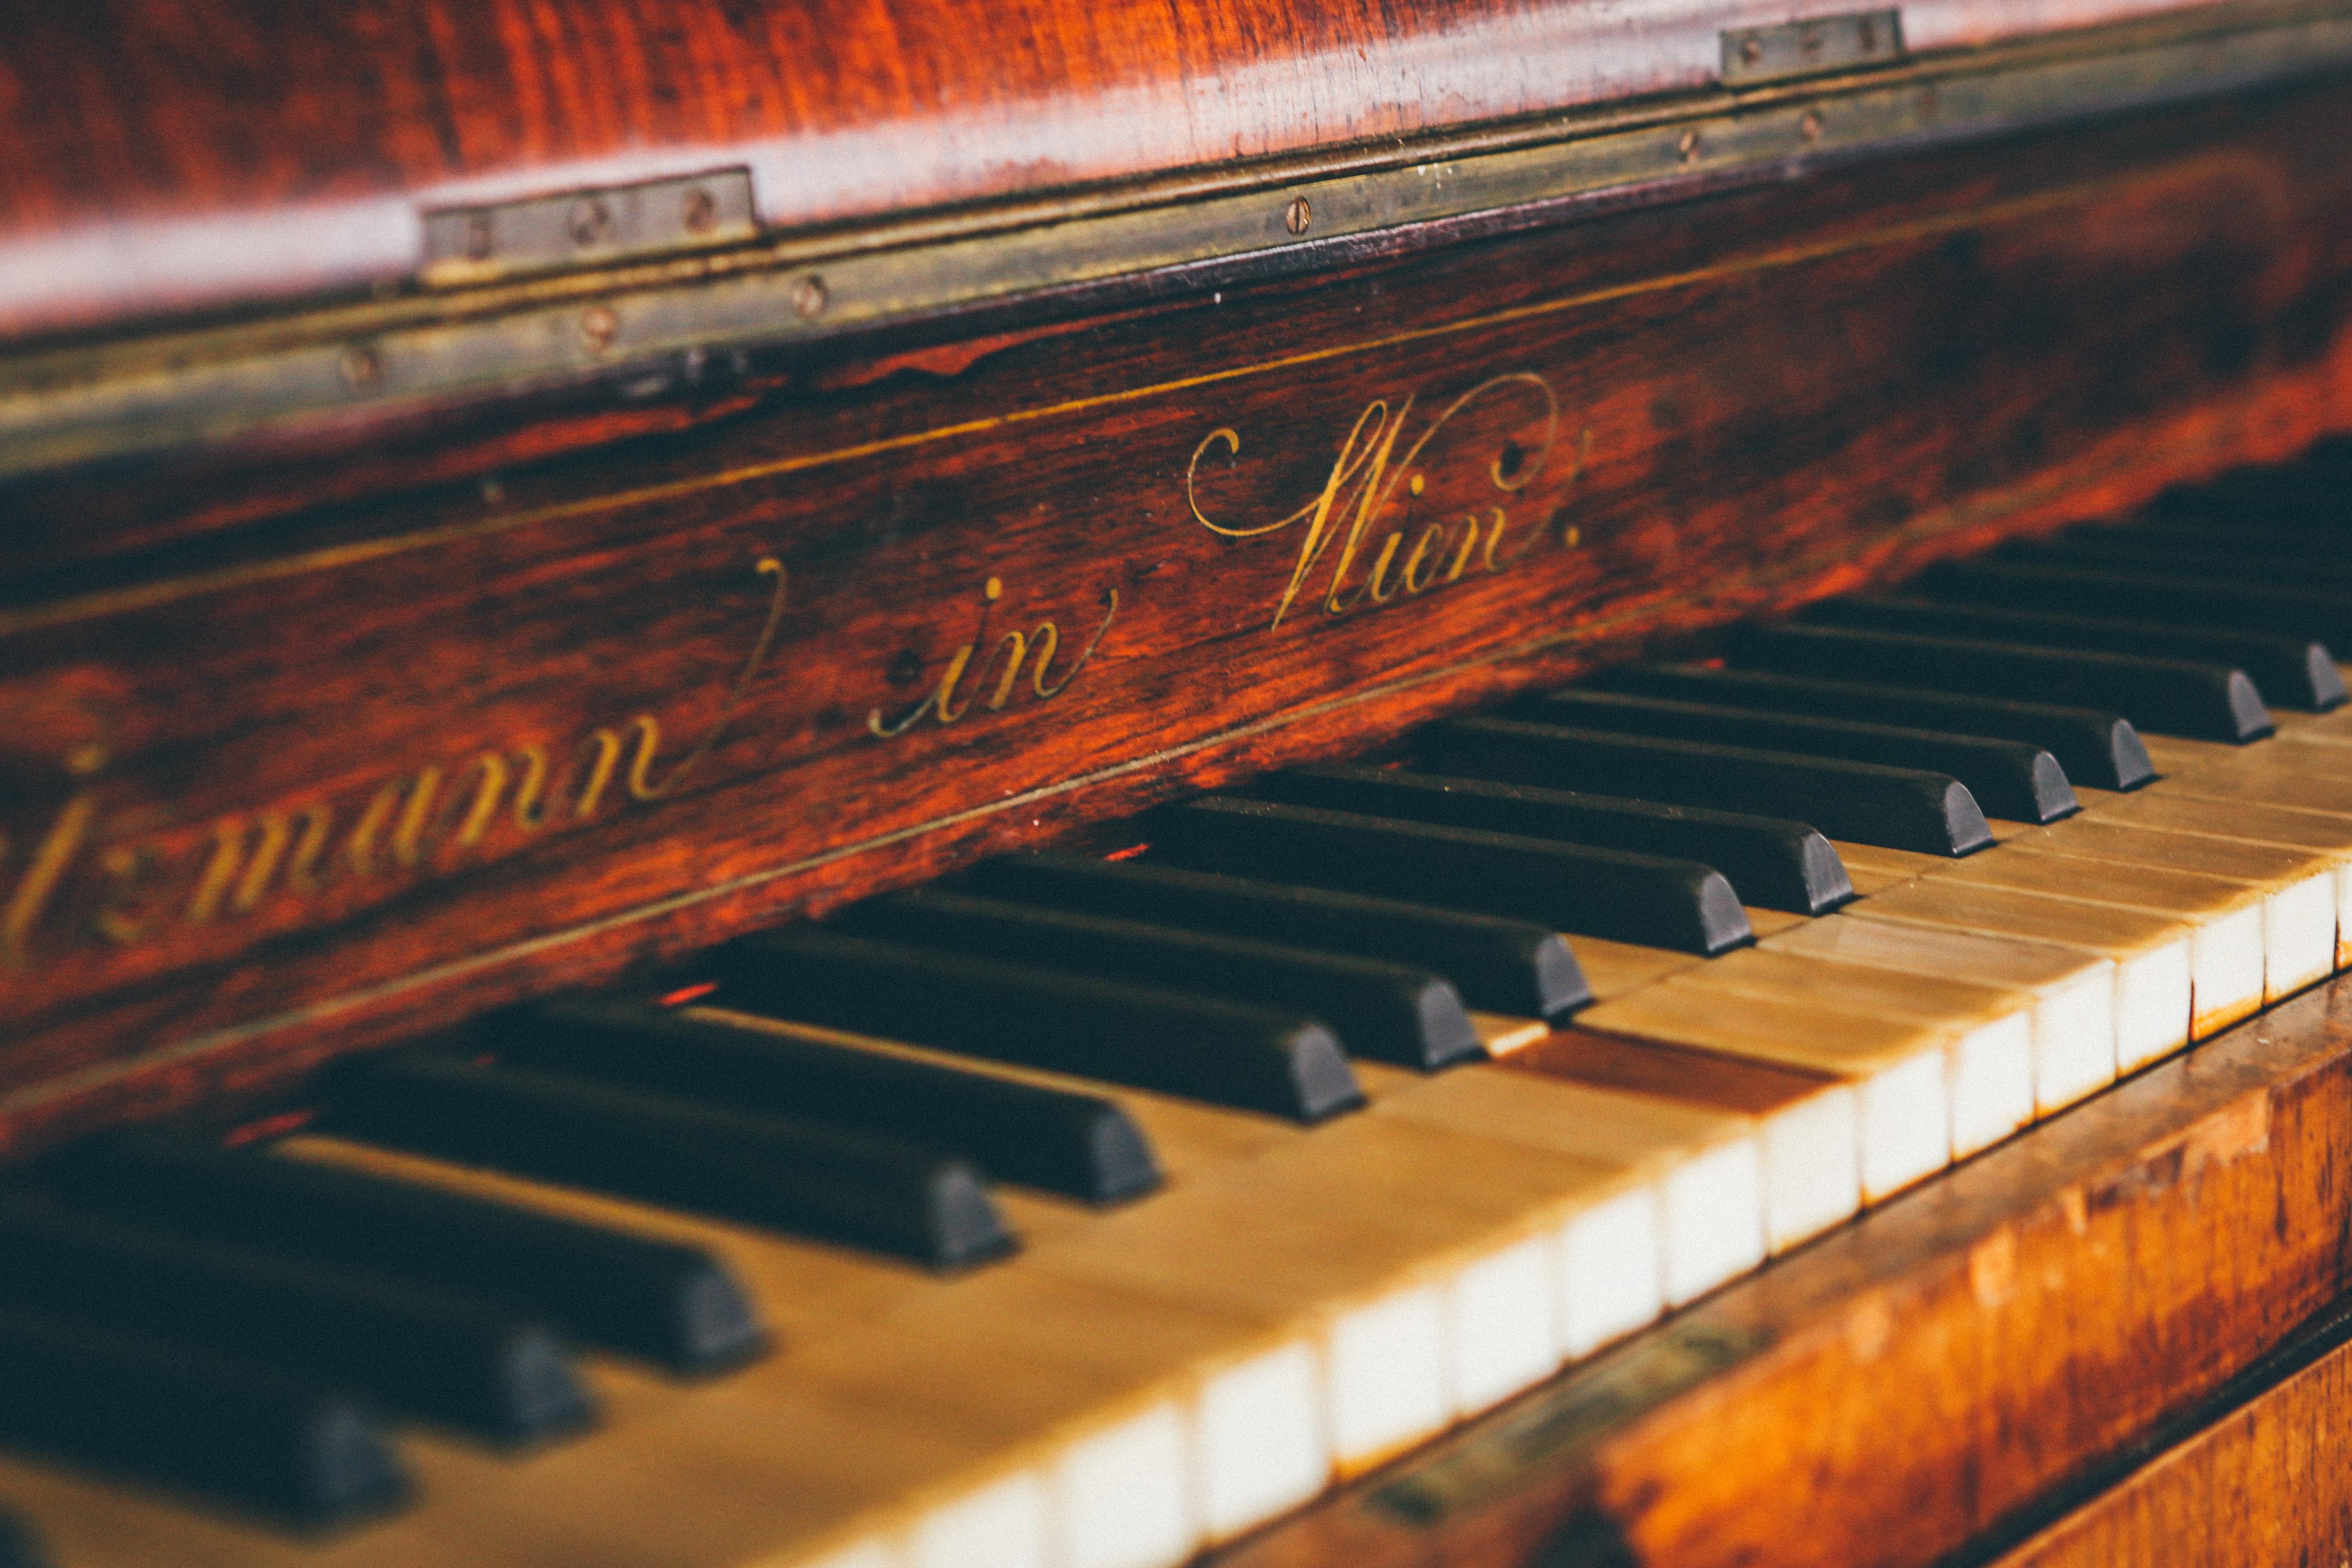 задумка красивые картинки про пианино легко